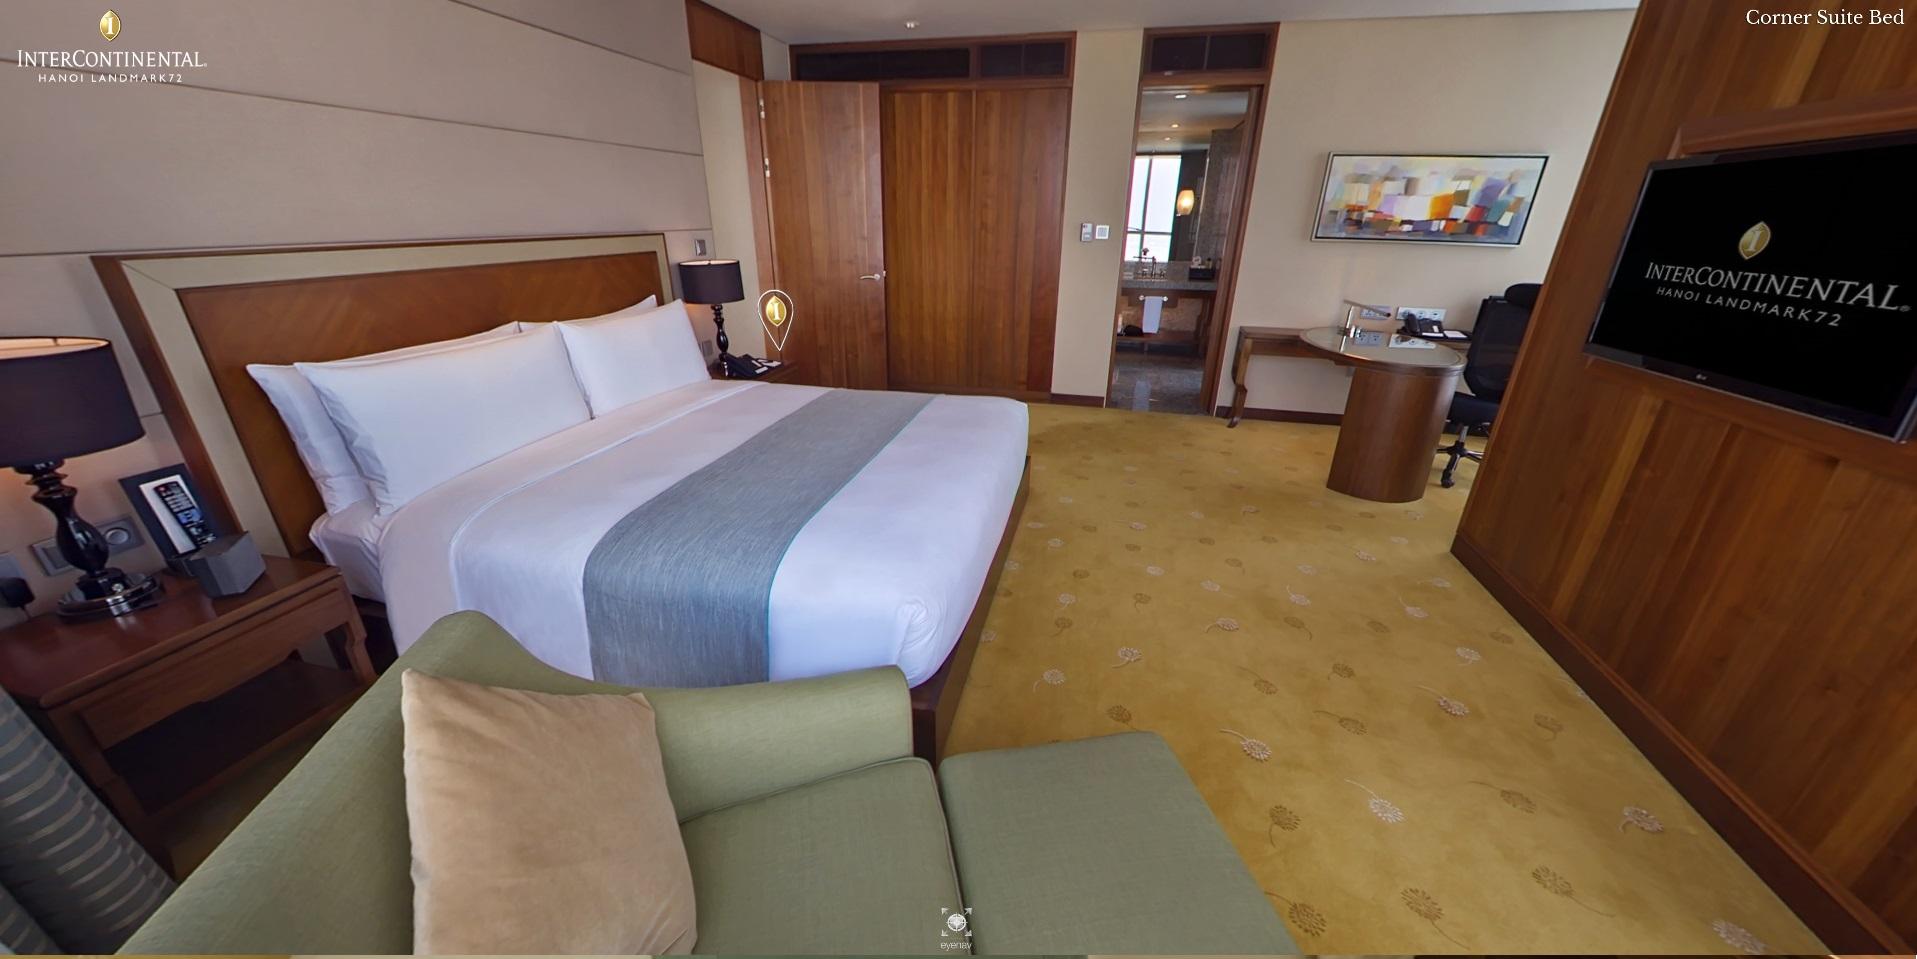 Hanoi luxury hotel spacious corner suites